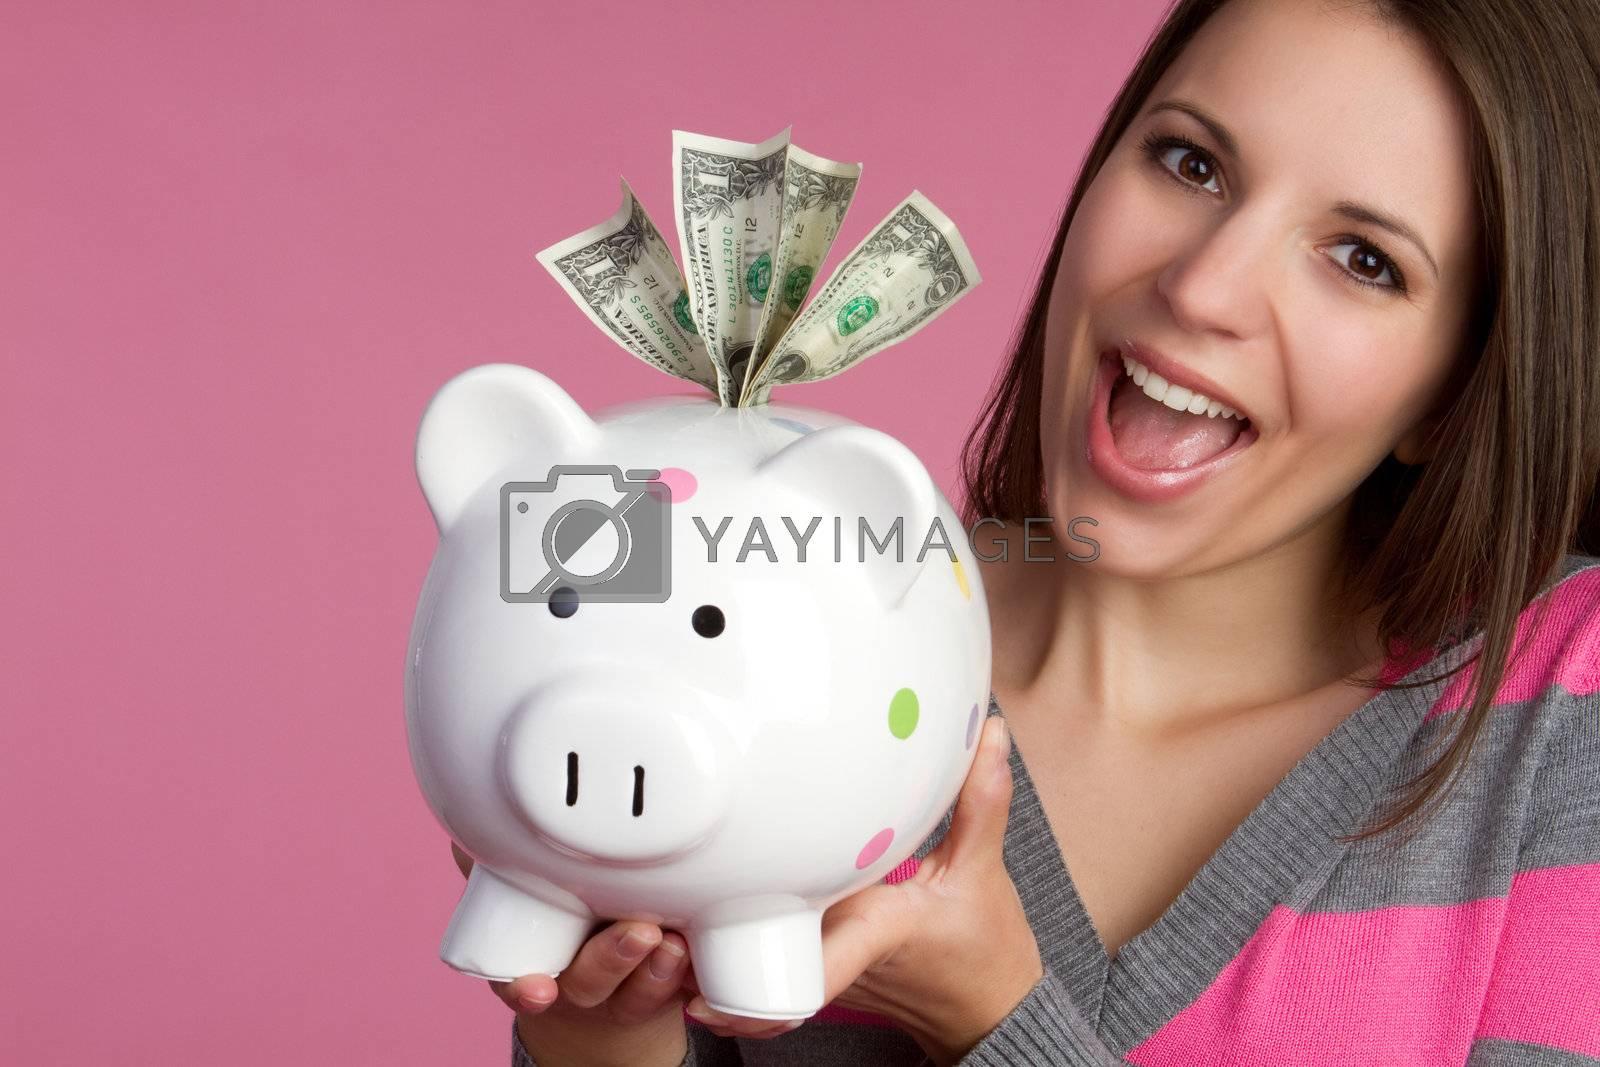 Girl holding piggy bank money